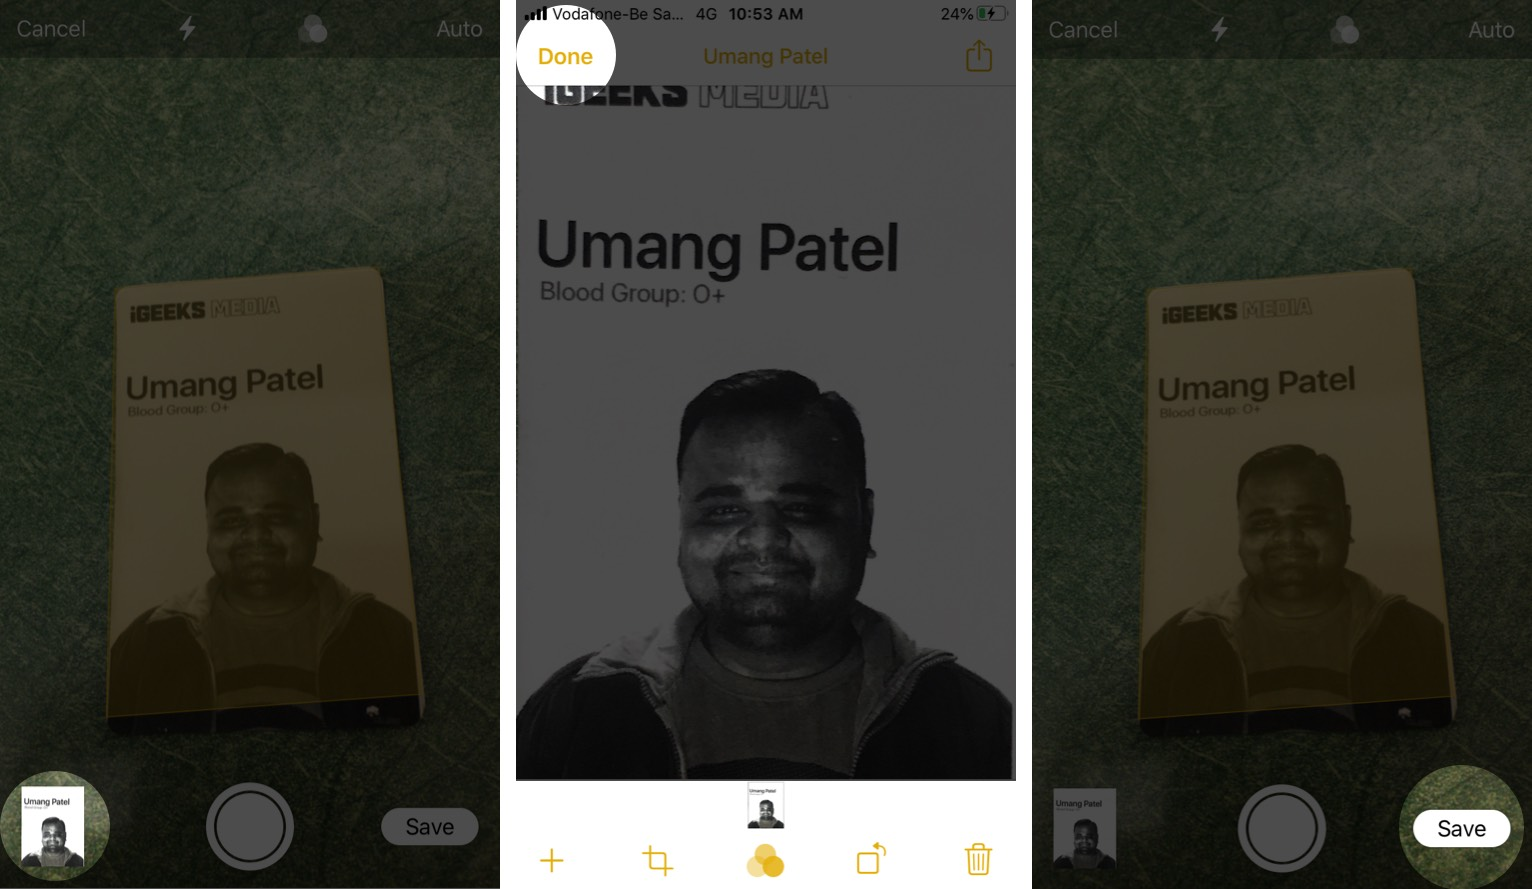 İPhone'daki Not Uygulamasında Taranan Belgelere Filtre Uygulamak için Küçük Resim'e dokunun